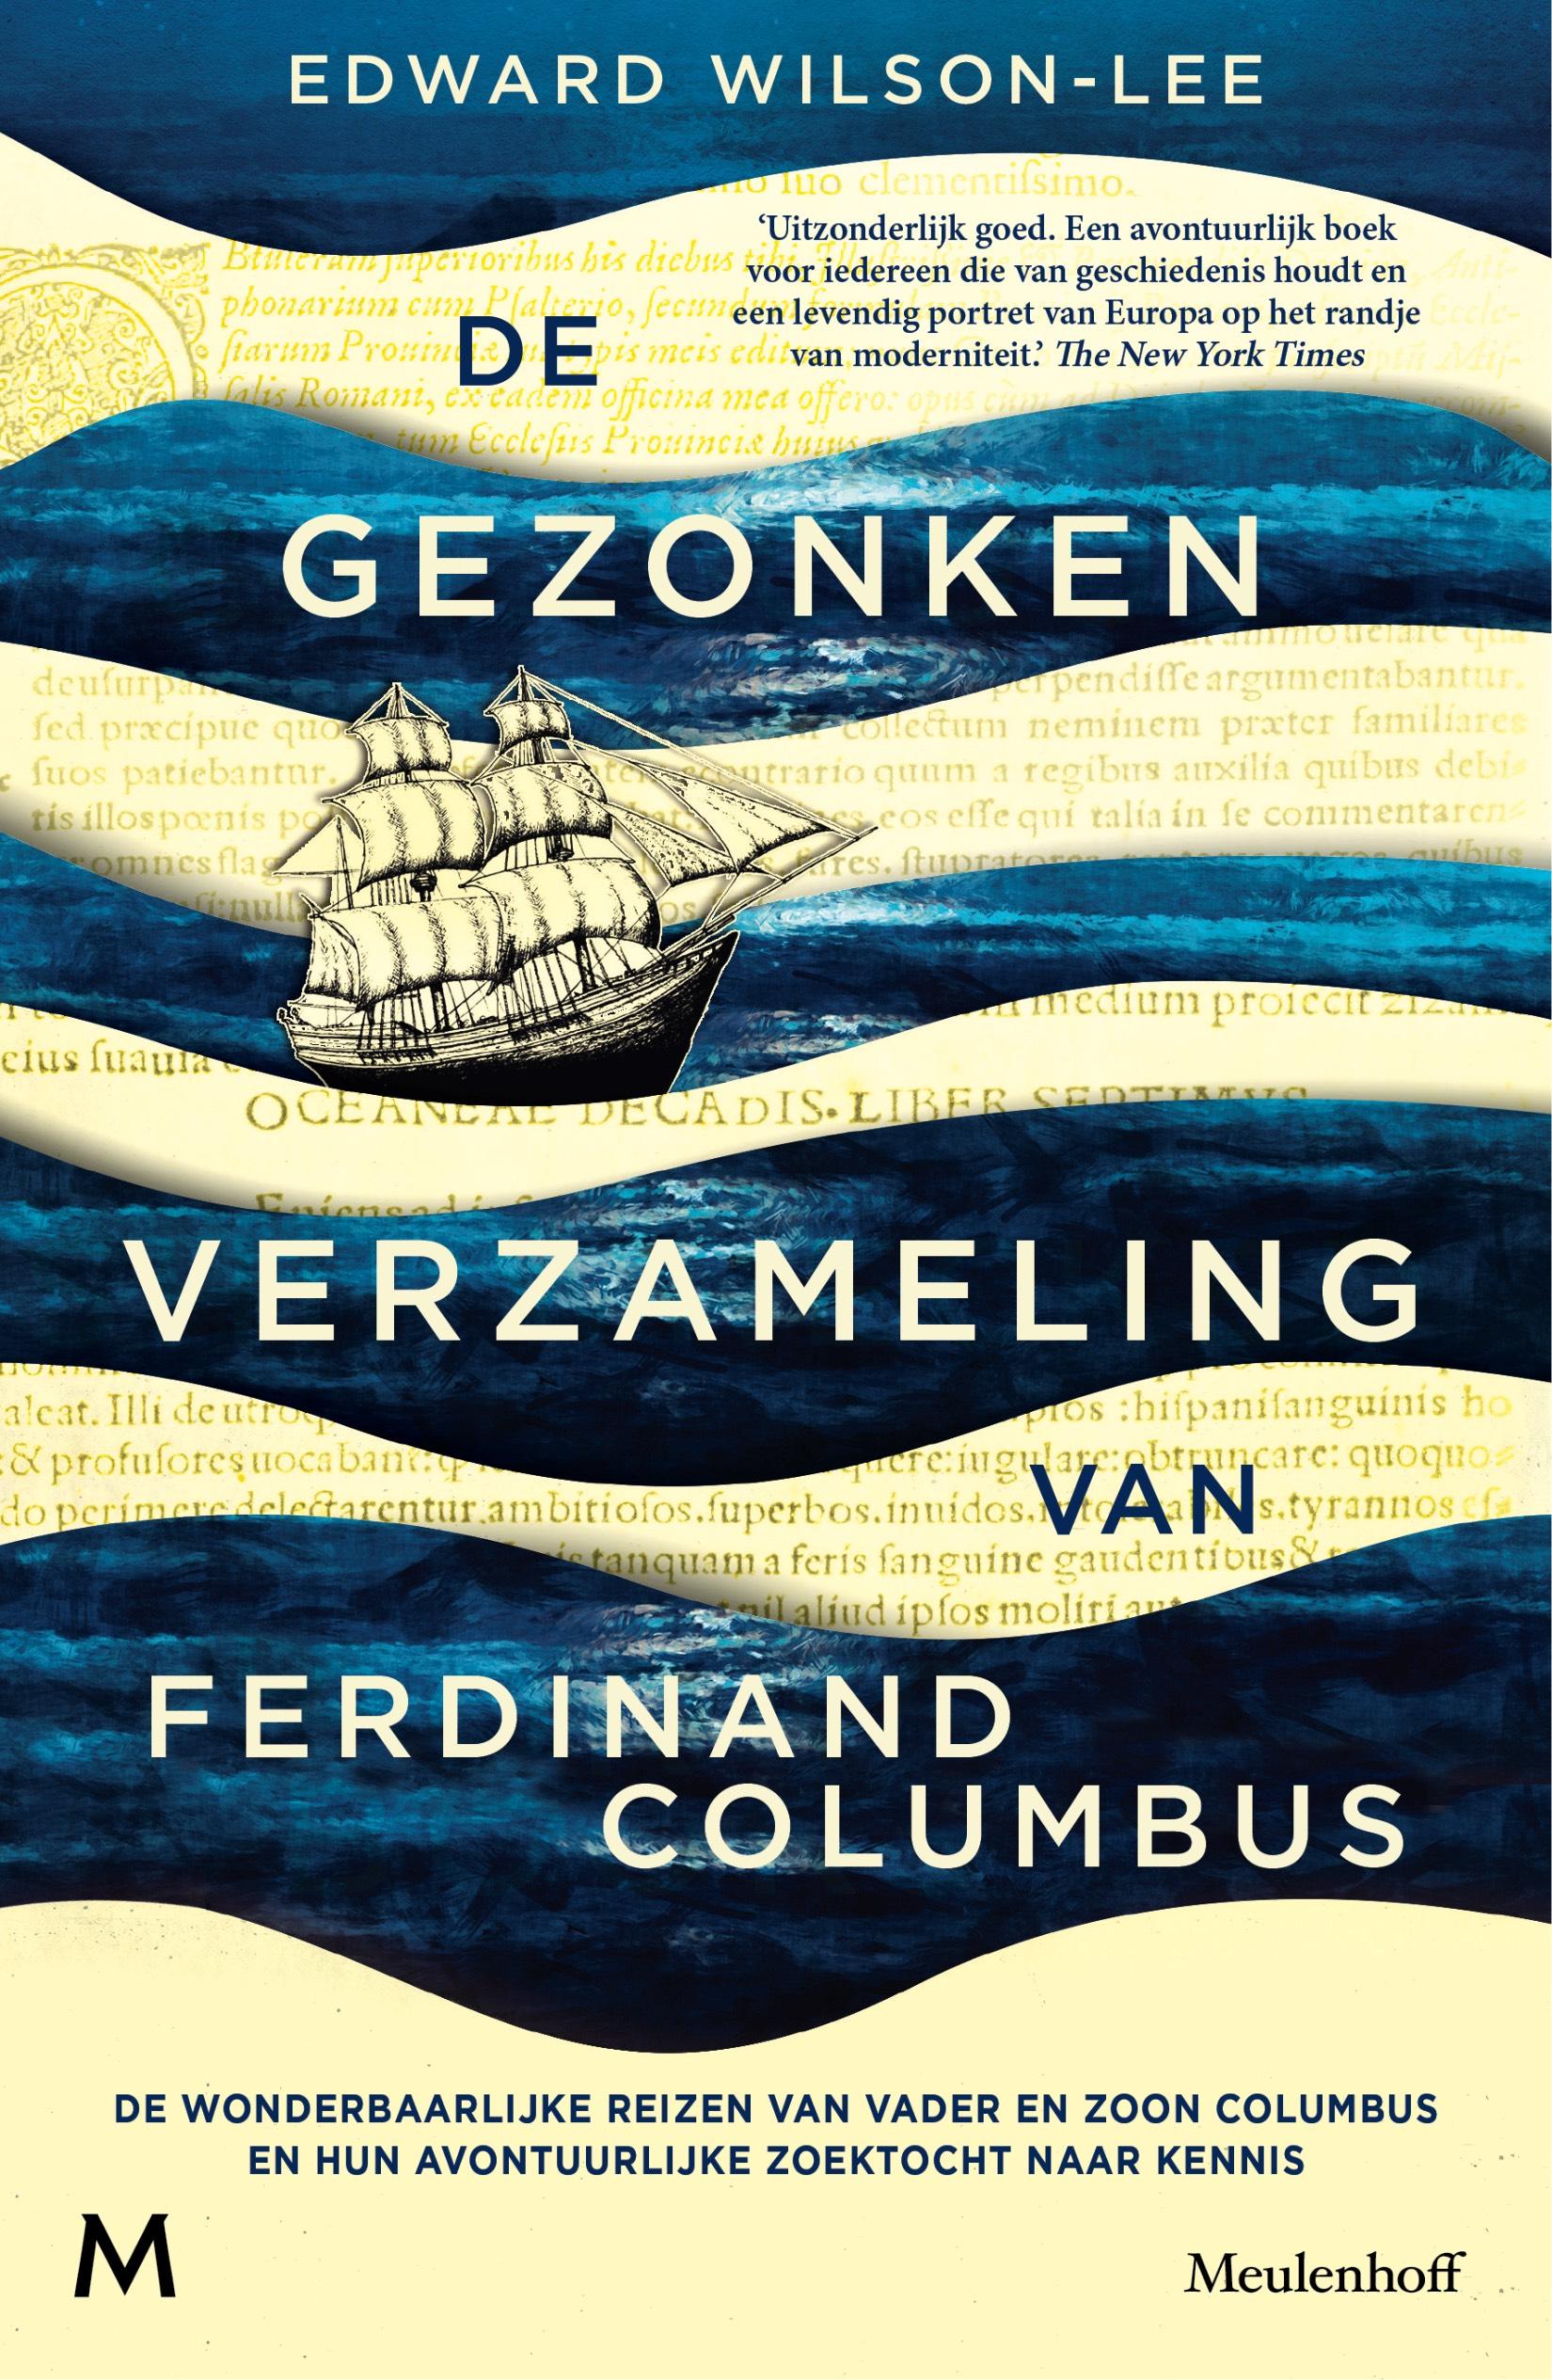 De gezonken verzameling van Ferdinand Columbus - Edward Wilson-Lee